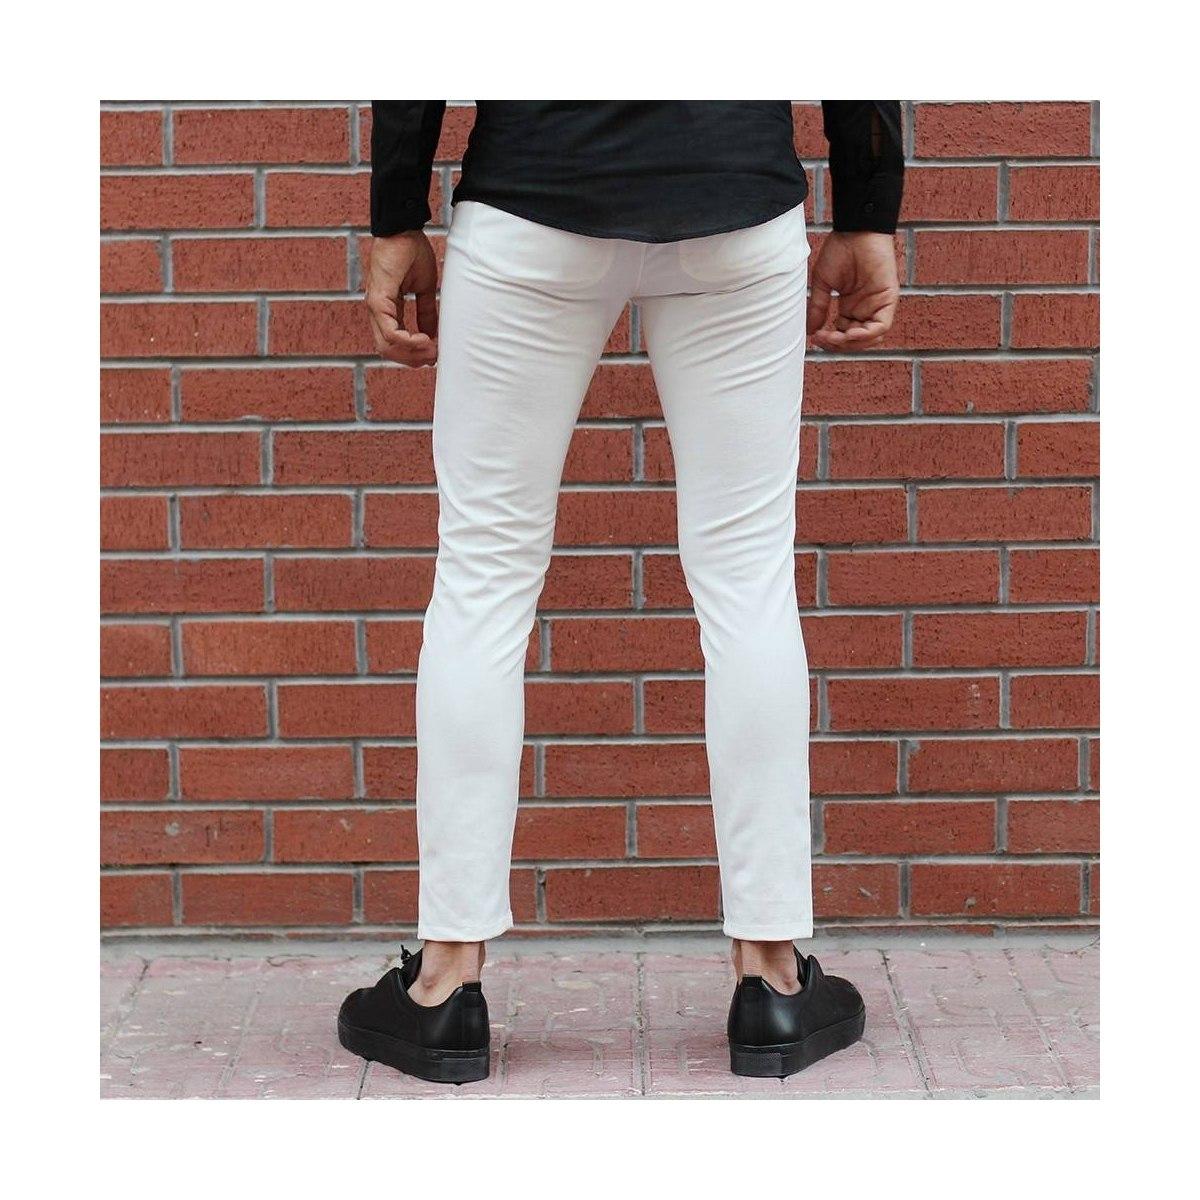 Men's Basic Stylish Skinny Jeans MV Jeans Collection - 3